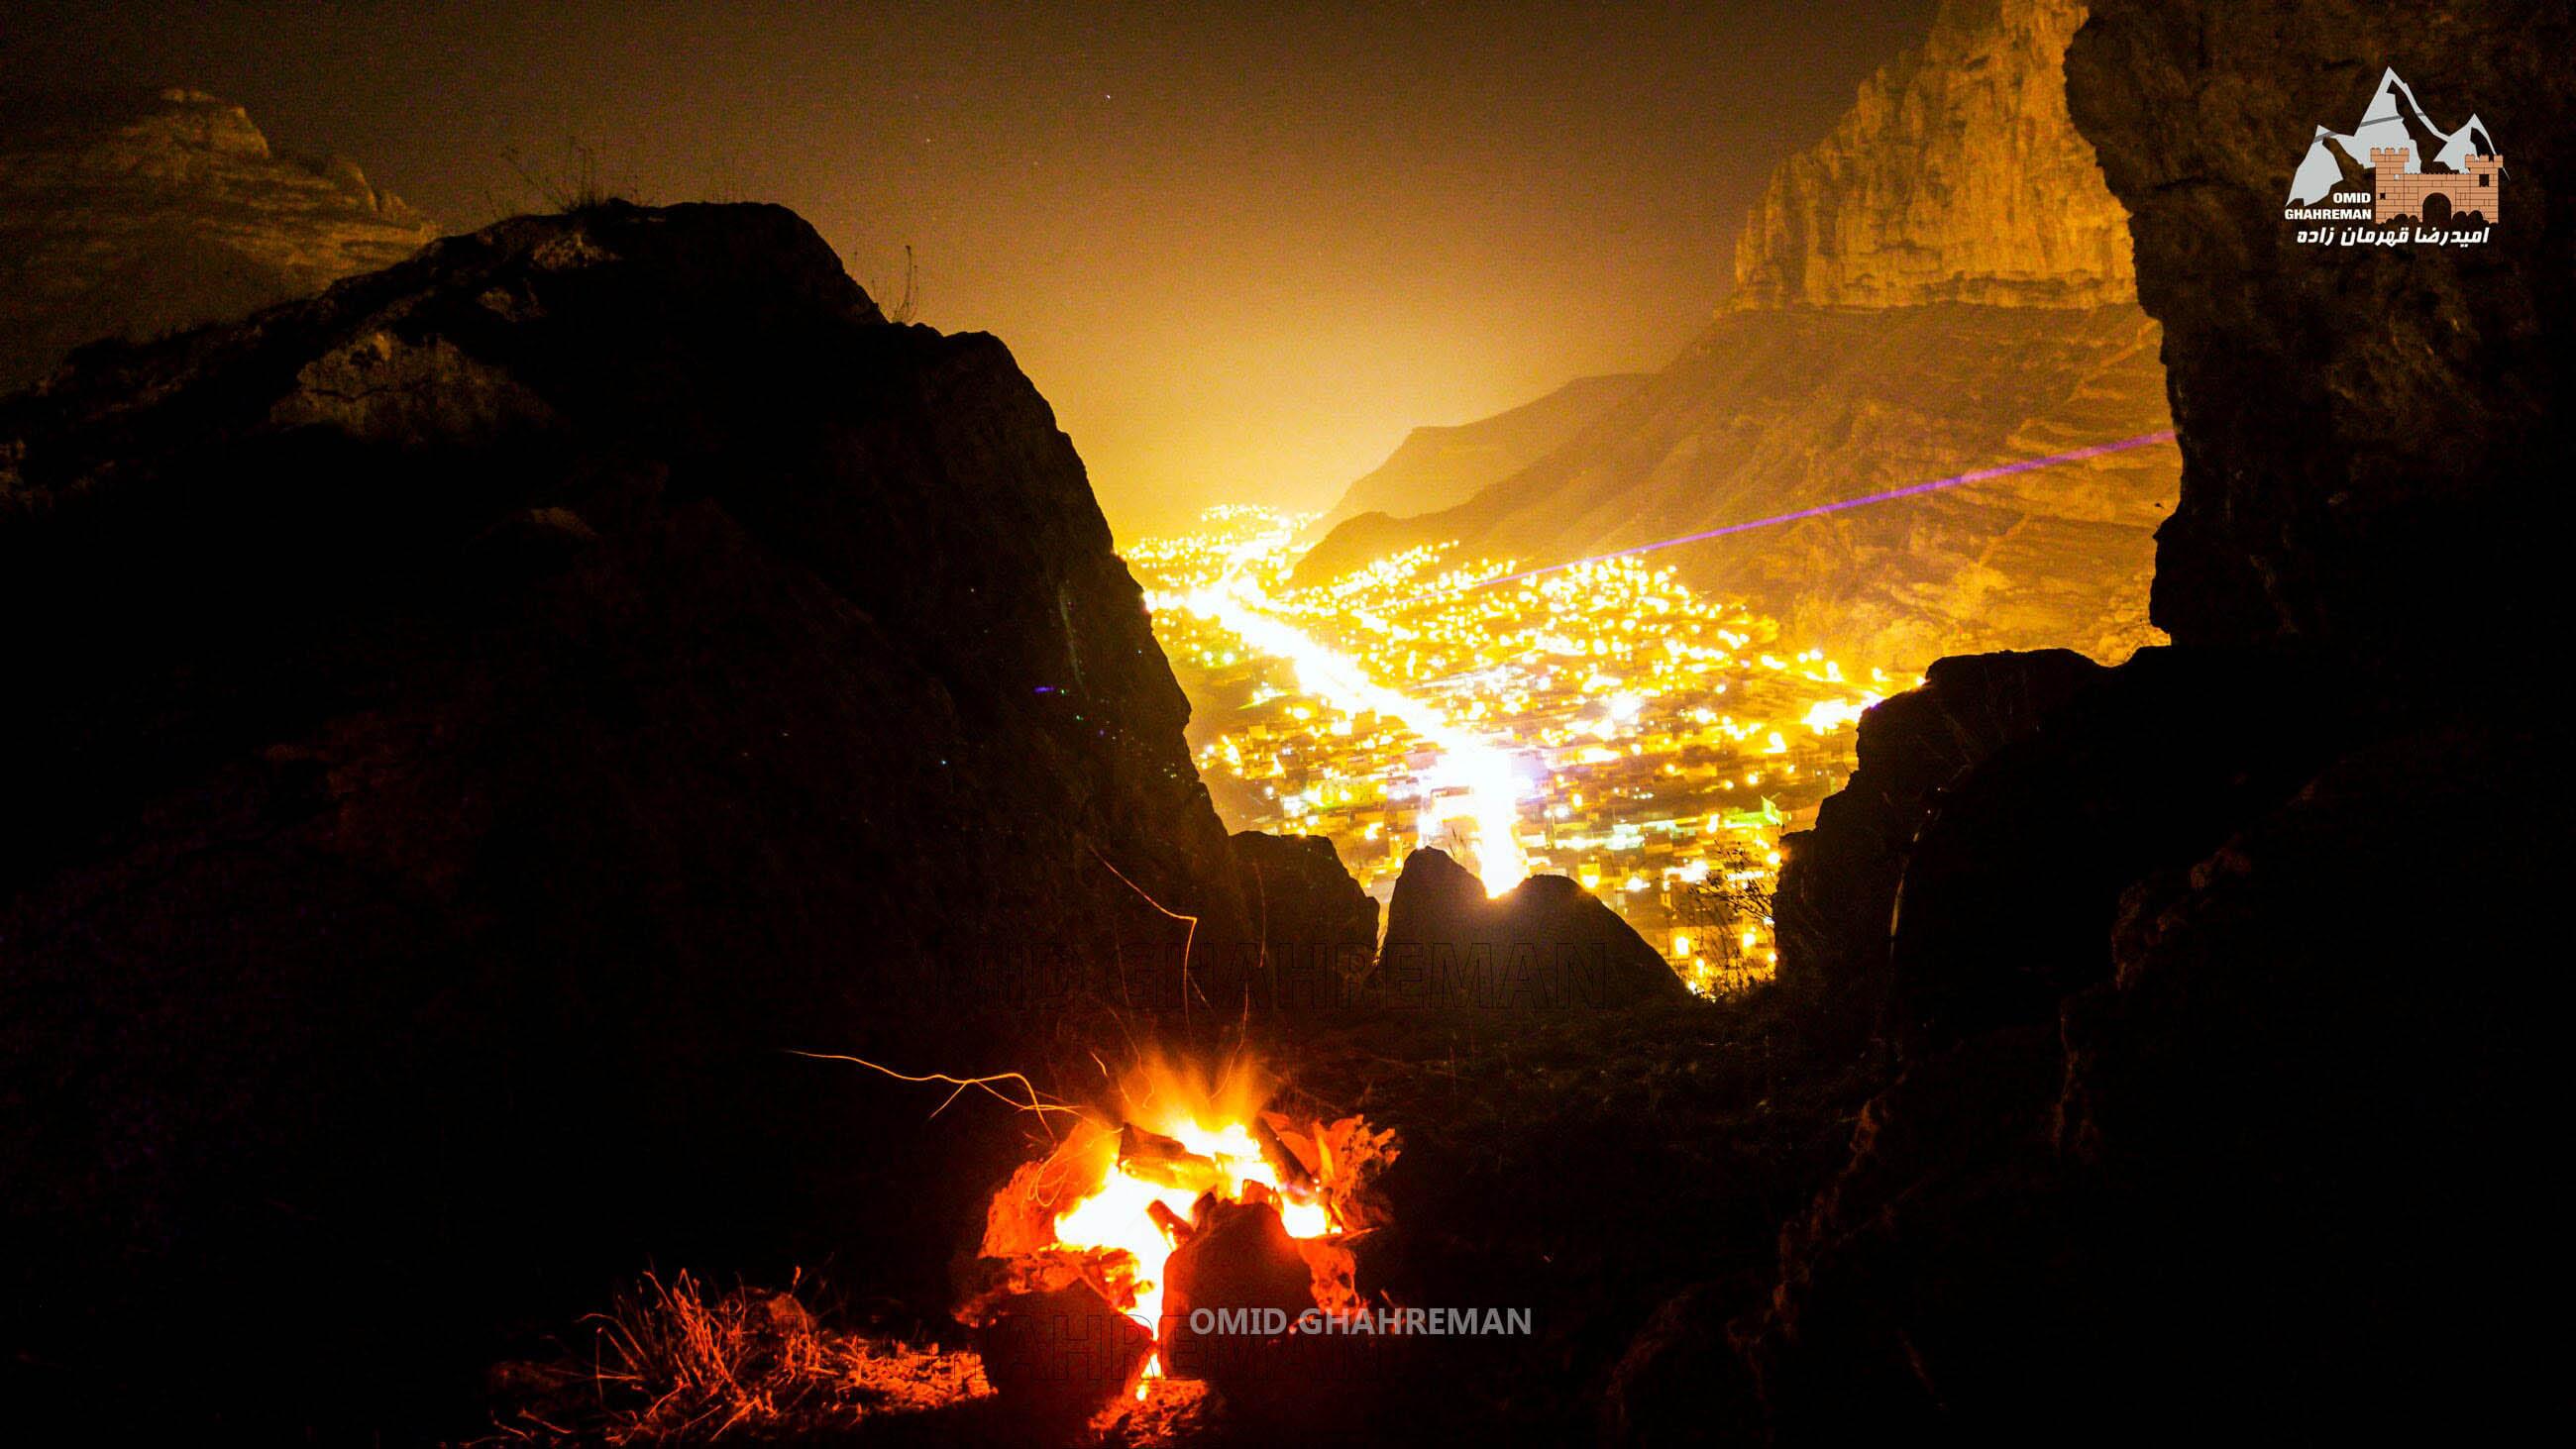 شب مانی در کوه قیه